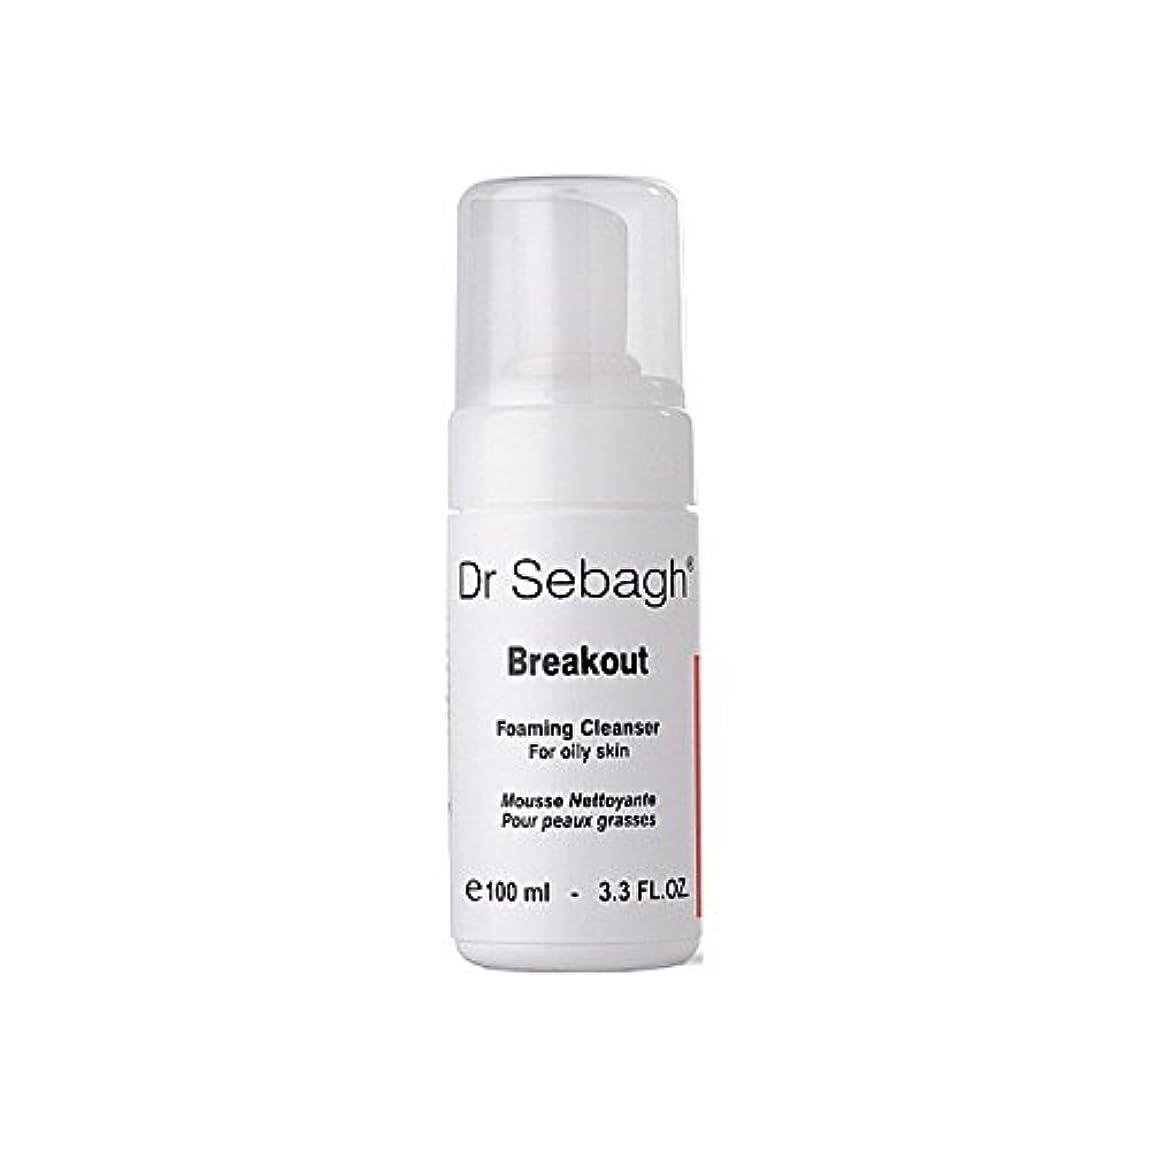 権限お母さんアテンダントクレンザーを発泡の のブレイクアウト x2 - Dr Sebagh Breakout Foaming Cleanser (Pack of 2) [並行輸入品]